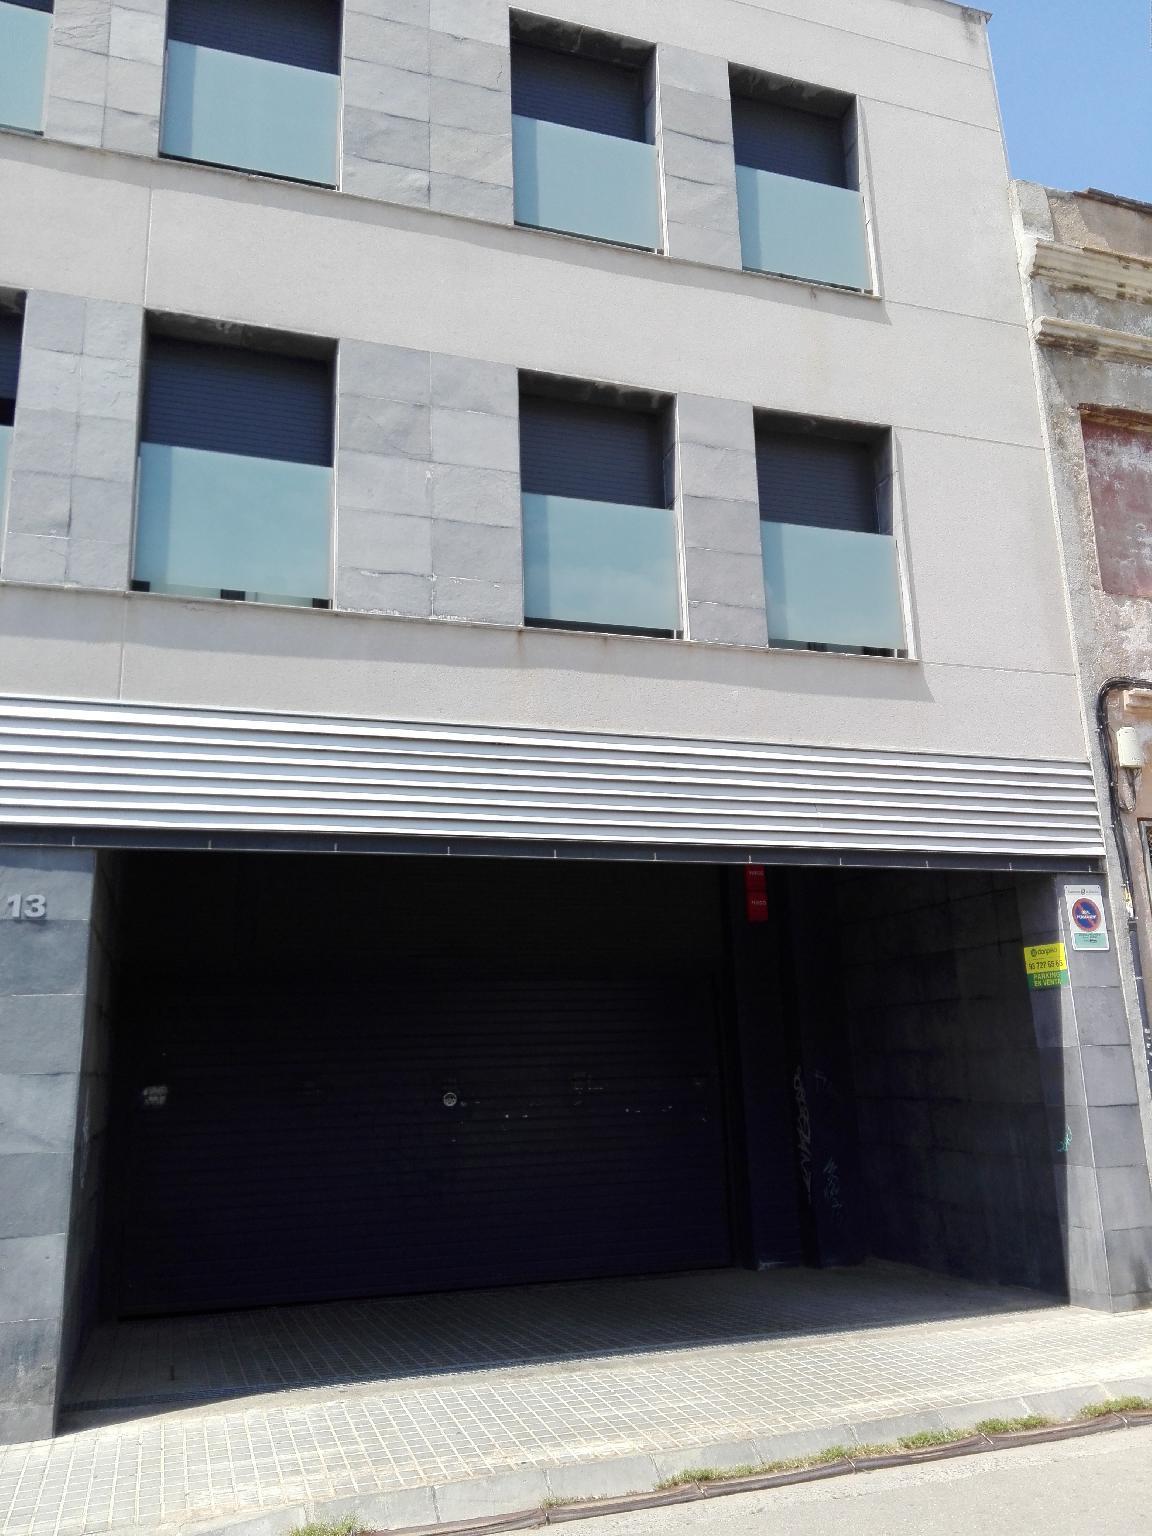 214064 - Plazas parquing barrio Hostafrancs